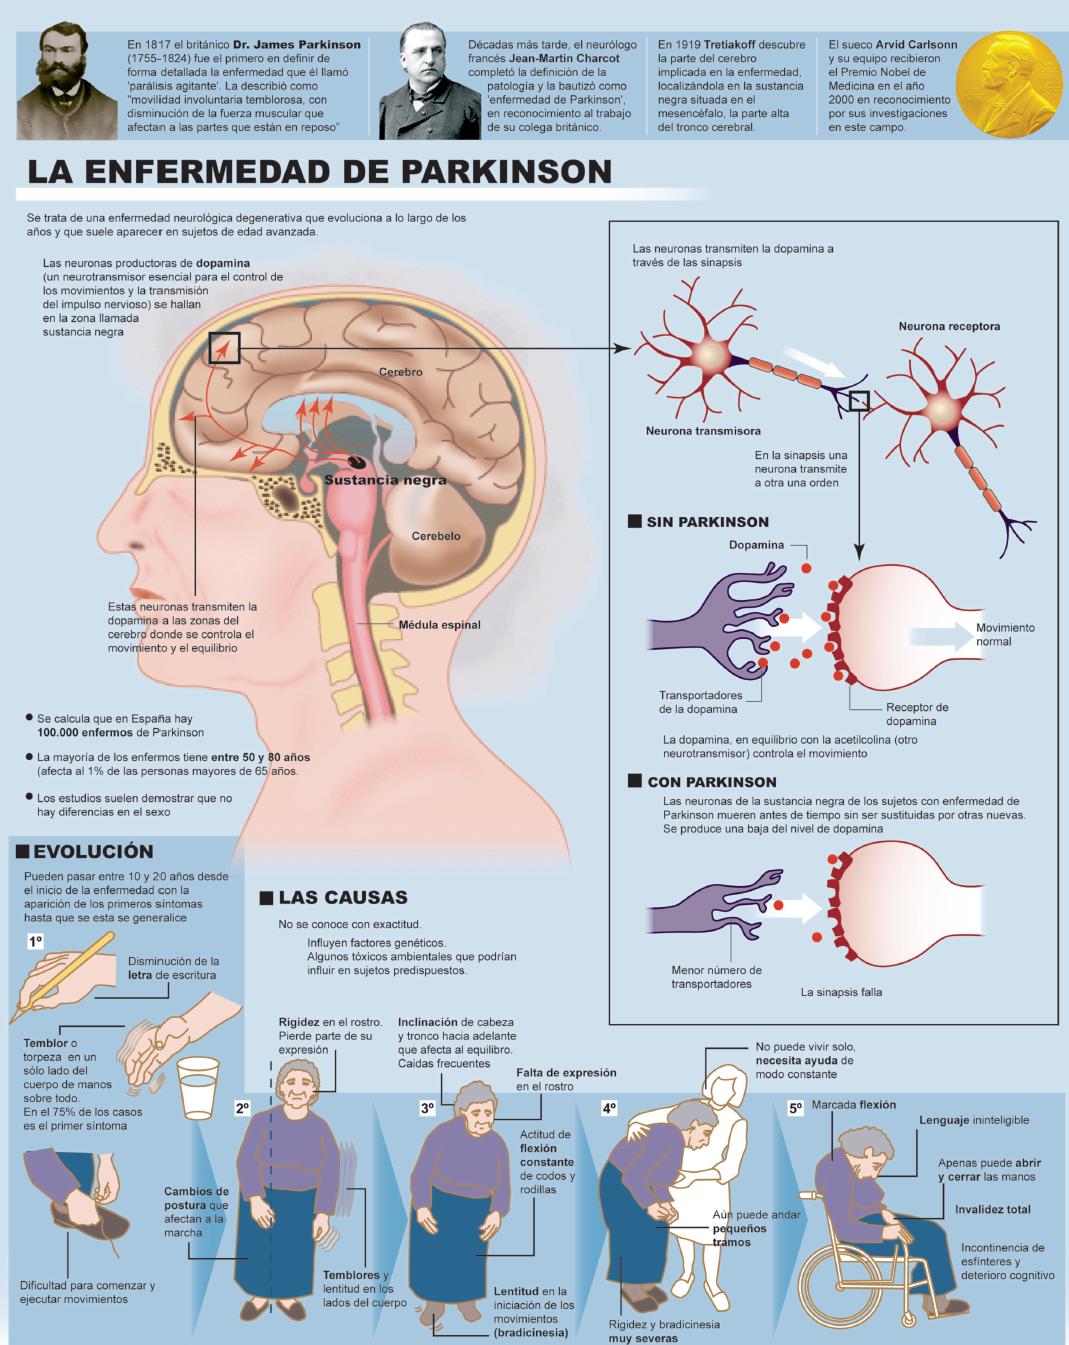 El Parkinson, mucho más que un \'temblor de viejo\' - Salud Ediciones